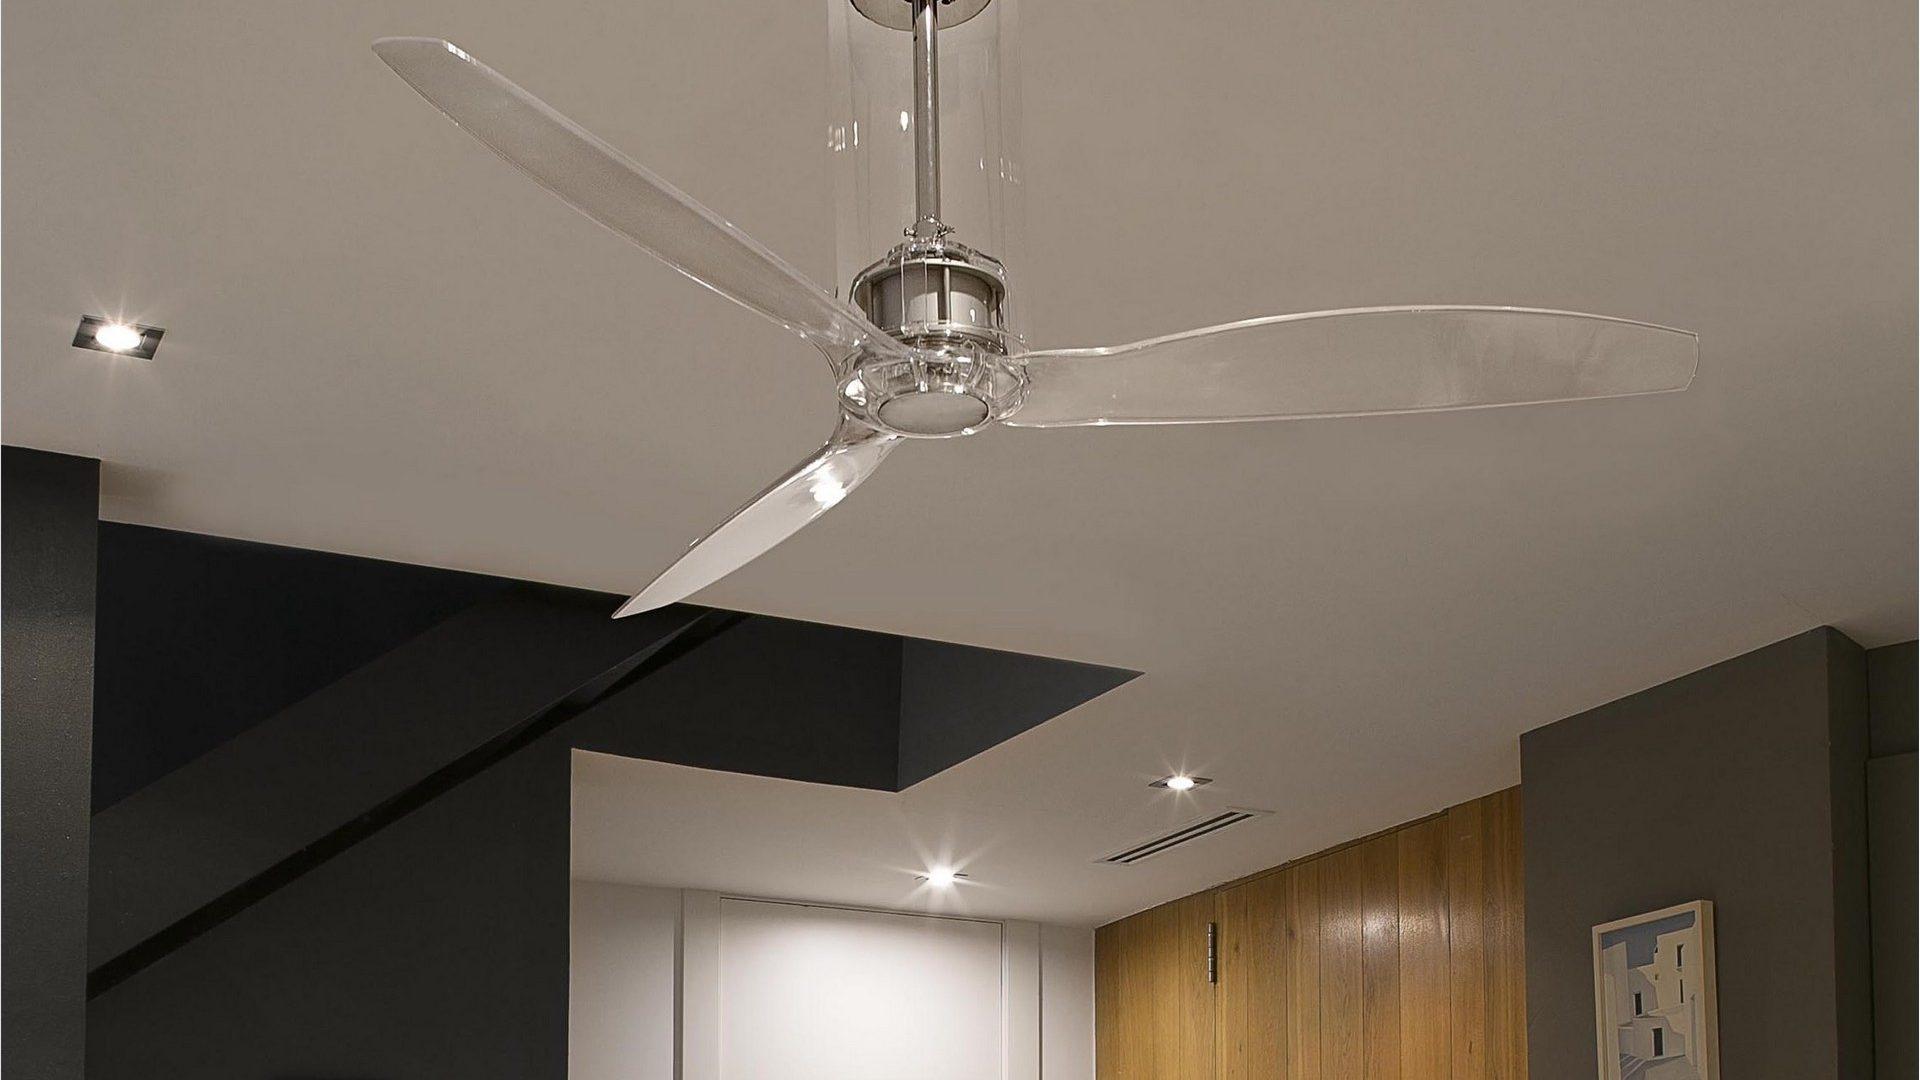 Ventilatore da soffitto zephir zfr offerte e prezzi